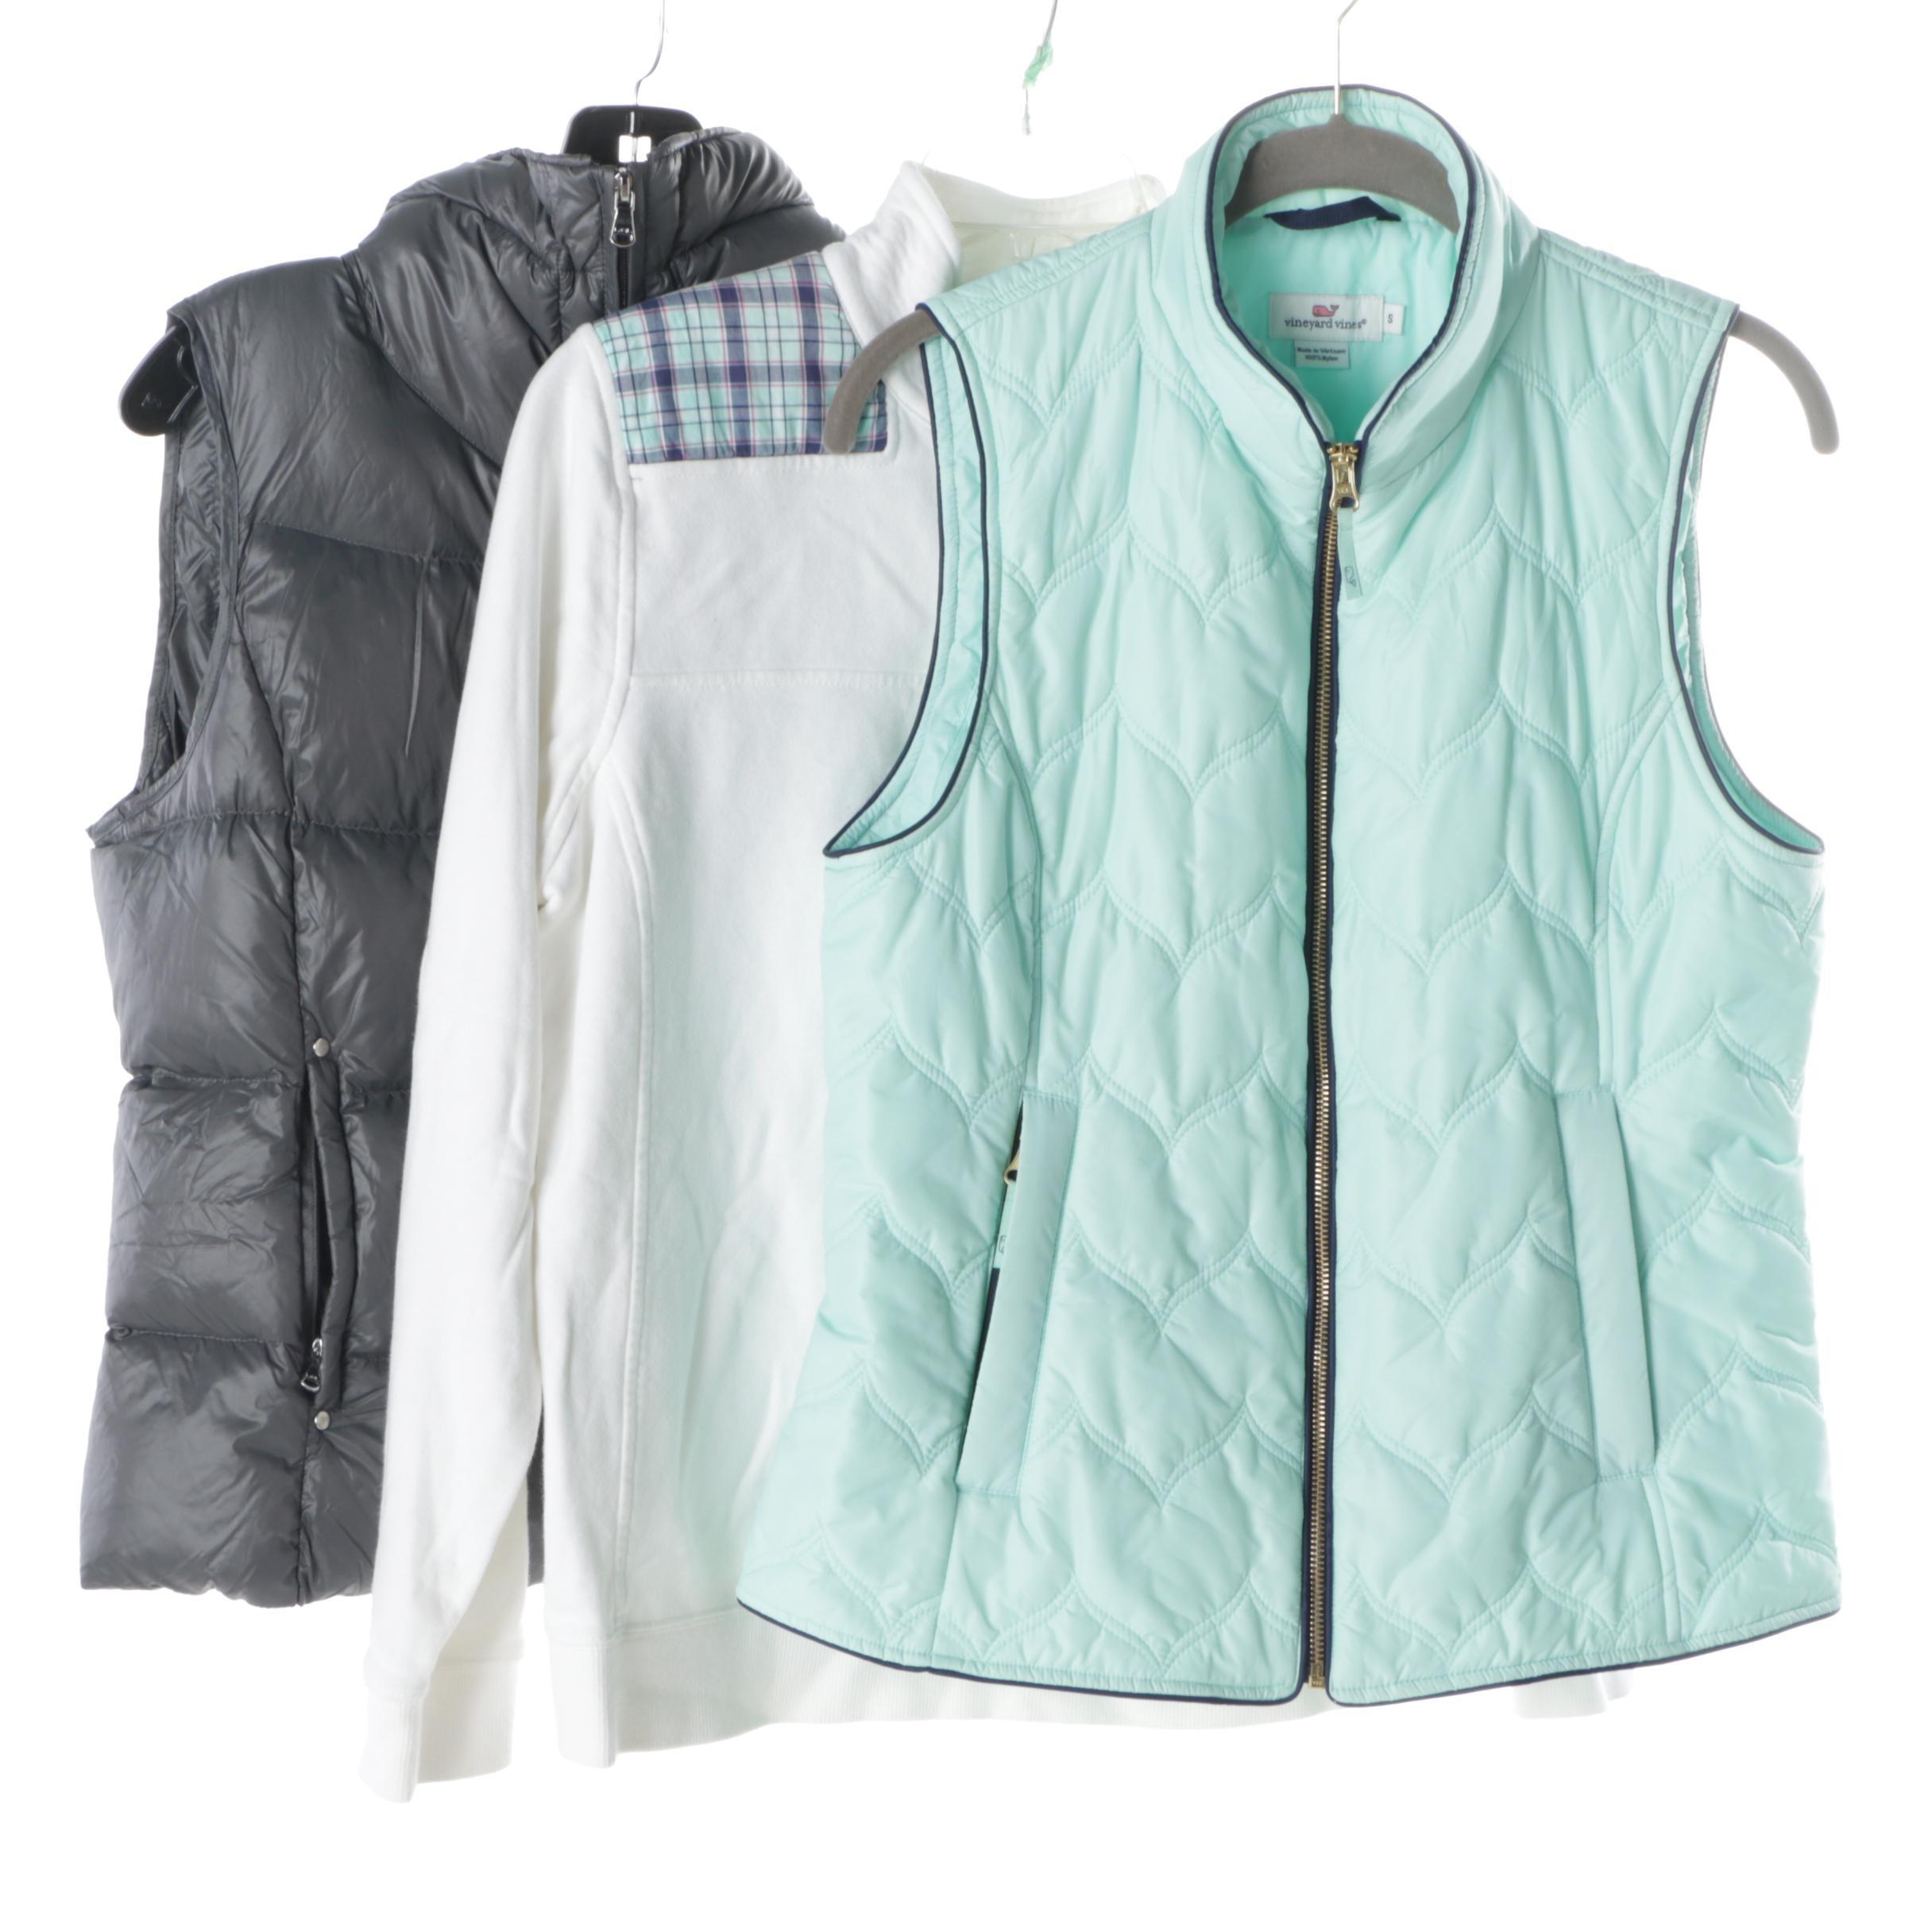 Women's Outerwear Including Vineyard Vines and Lauren Ralph Lauren